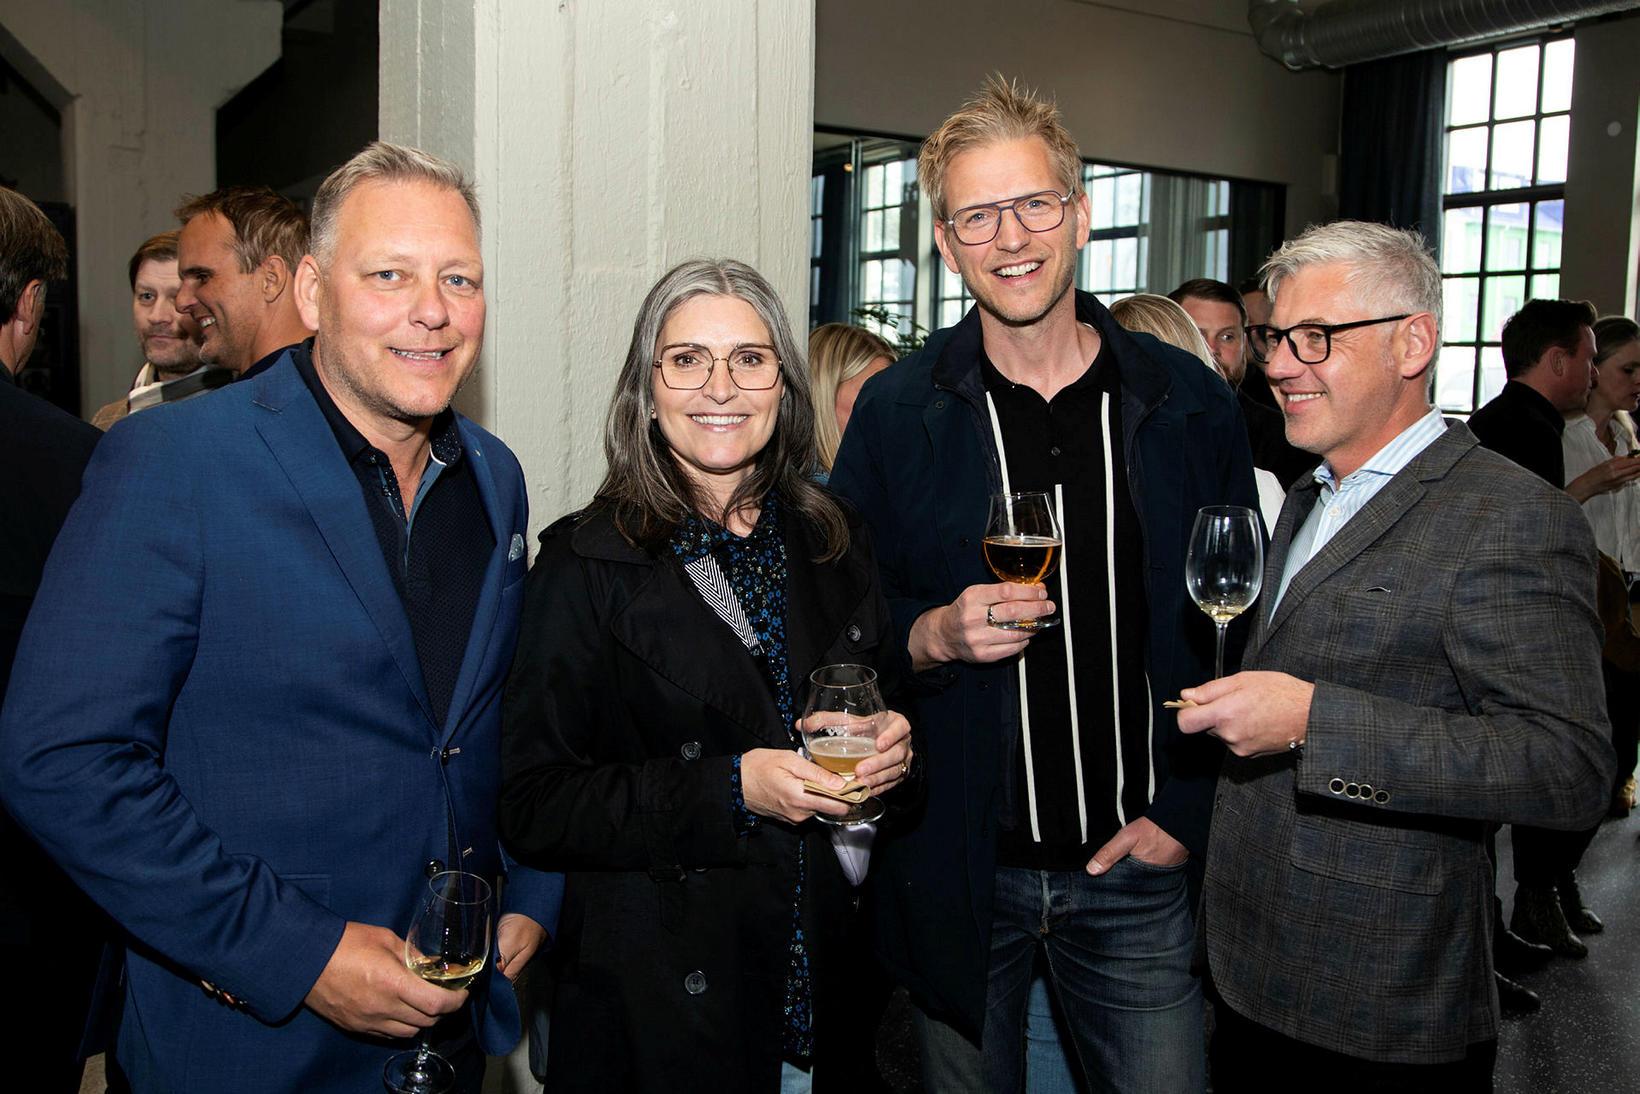 Andrés Pétur, Petra Björk, Darri og Markus.